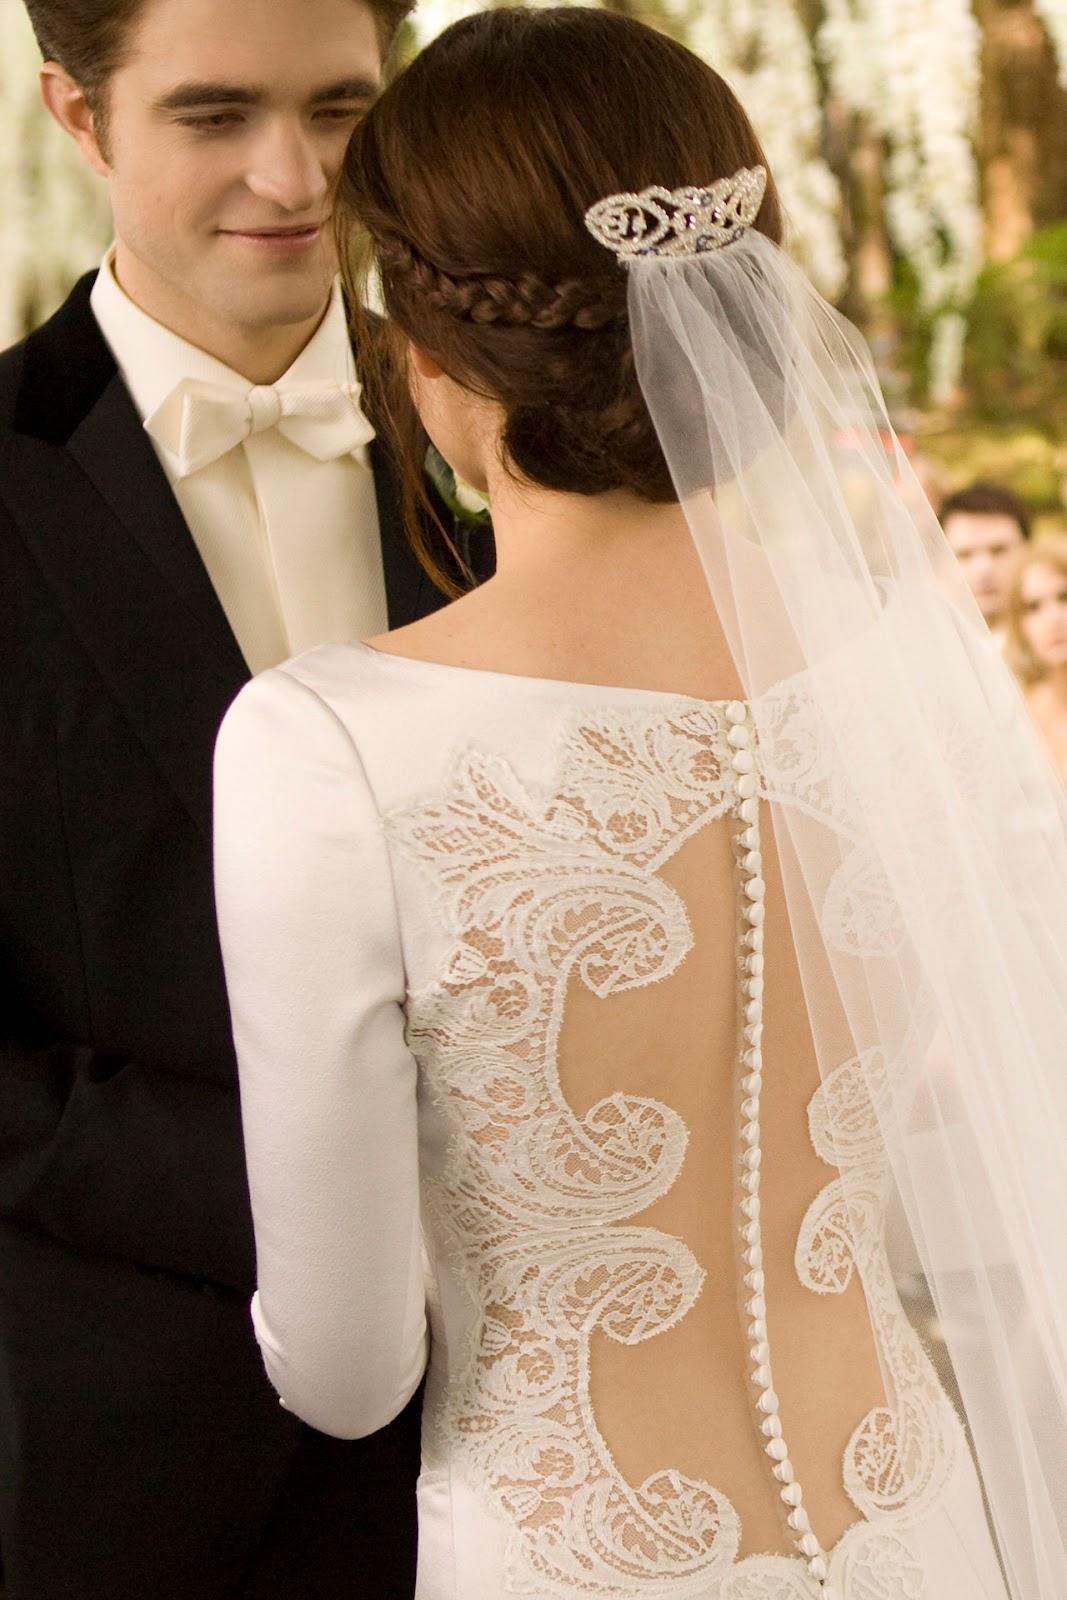 Precio del vestido de novia de bella swan